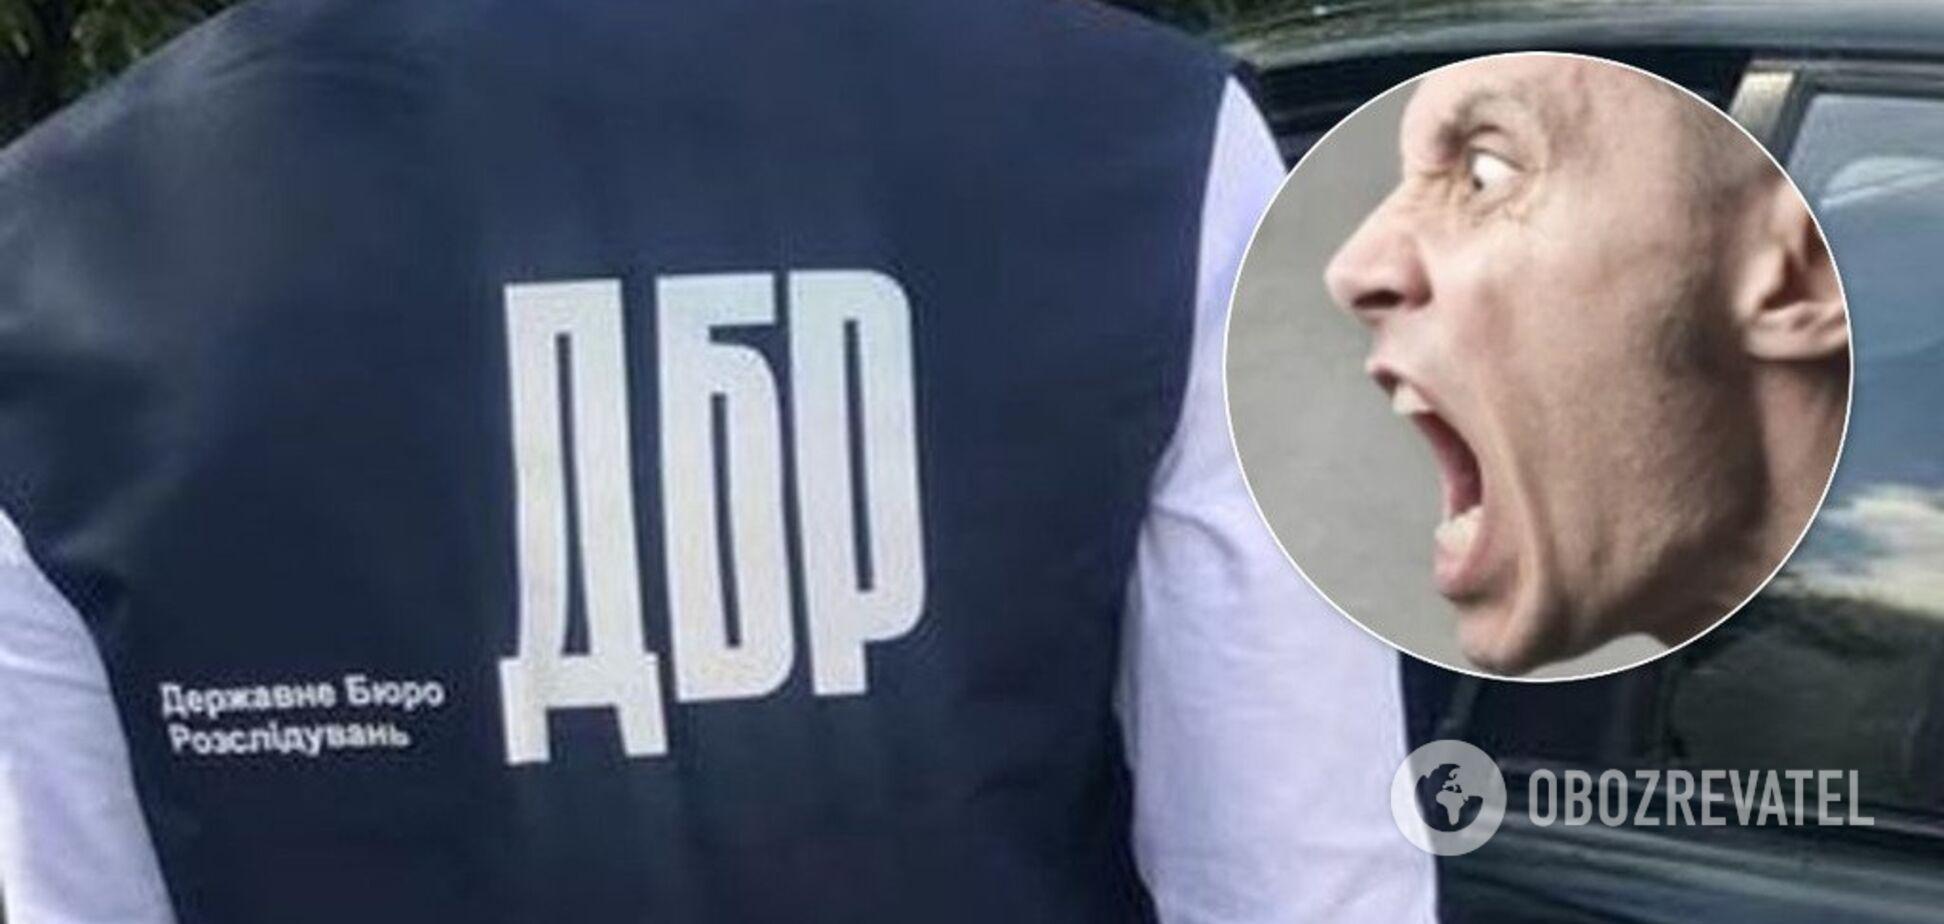 'Закрийте рот': стало відомо, як покарали слідчого ДБР після скандалу в аеропорту